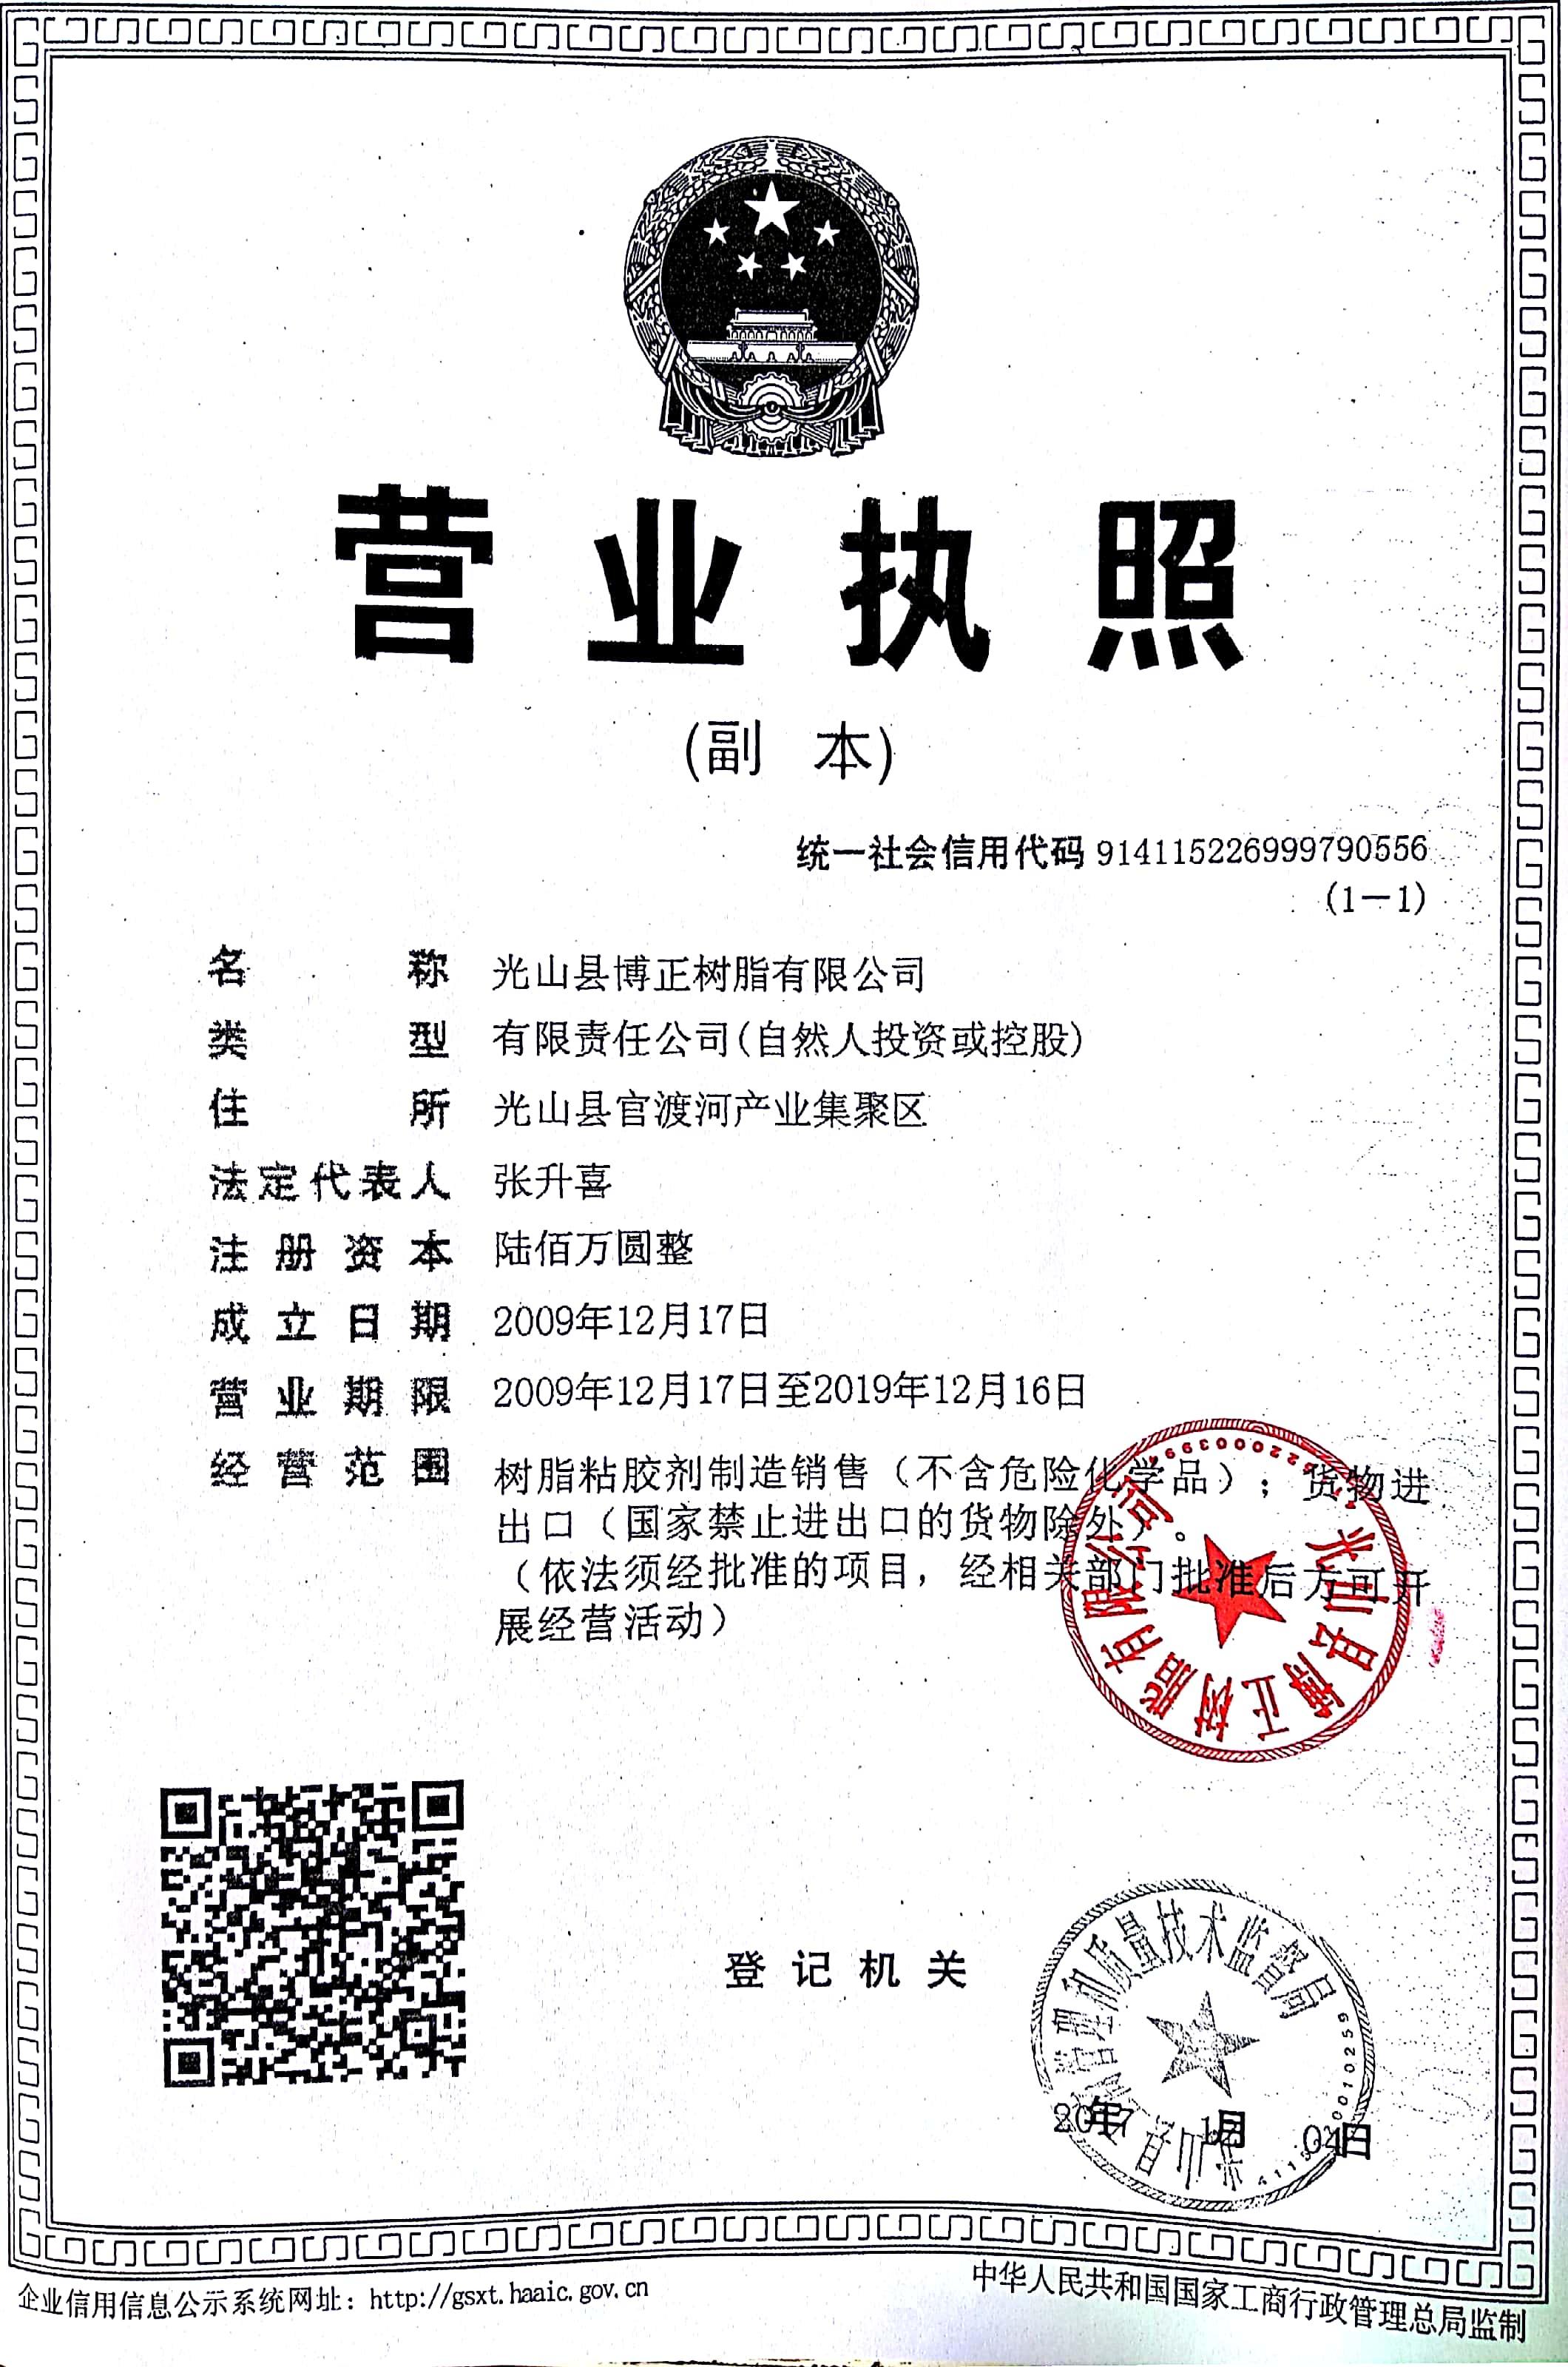 光山县博正树脂有限公司企业档案